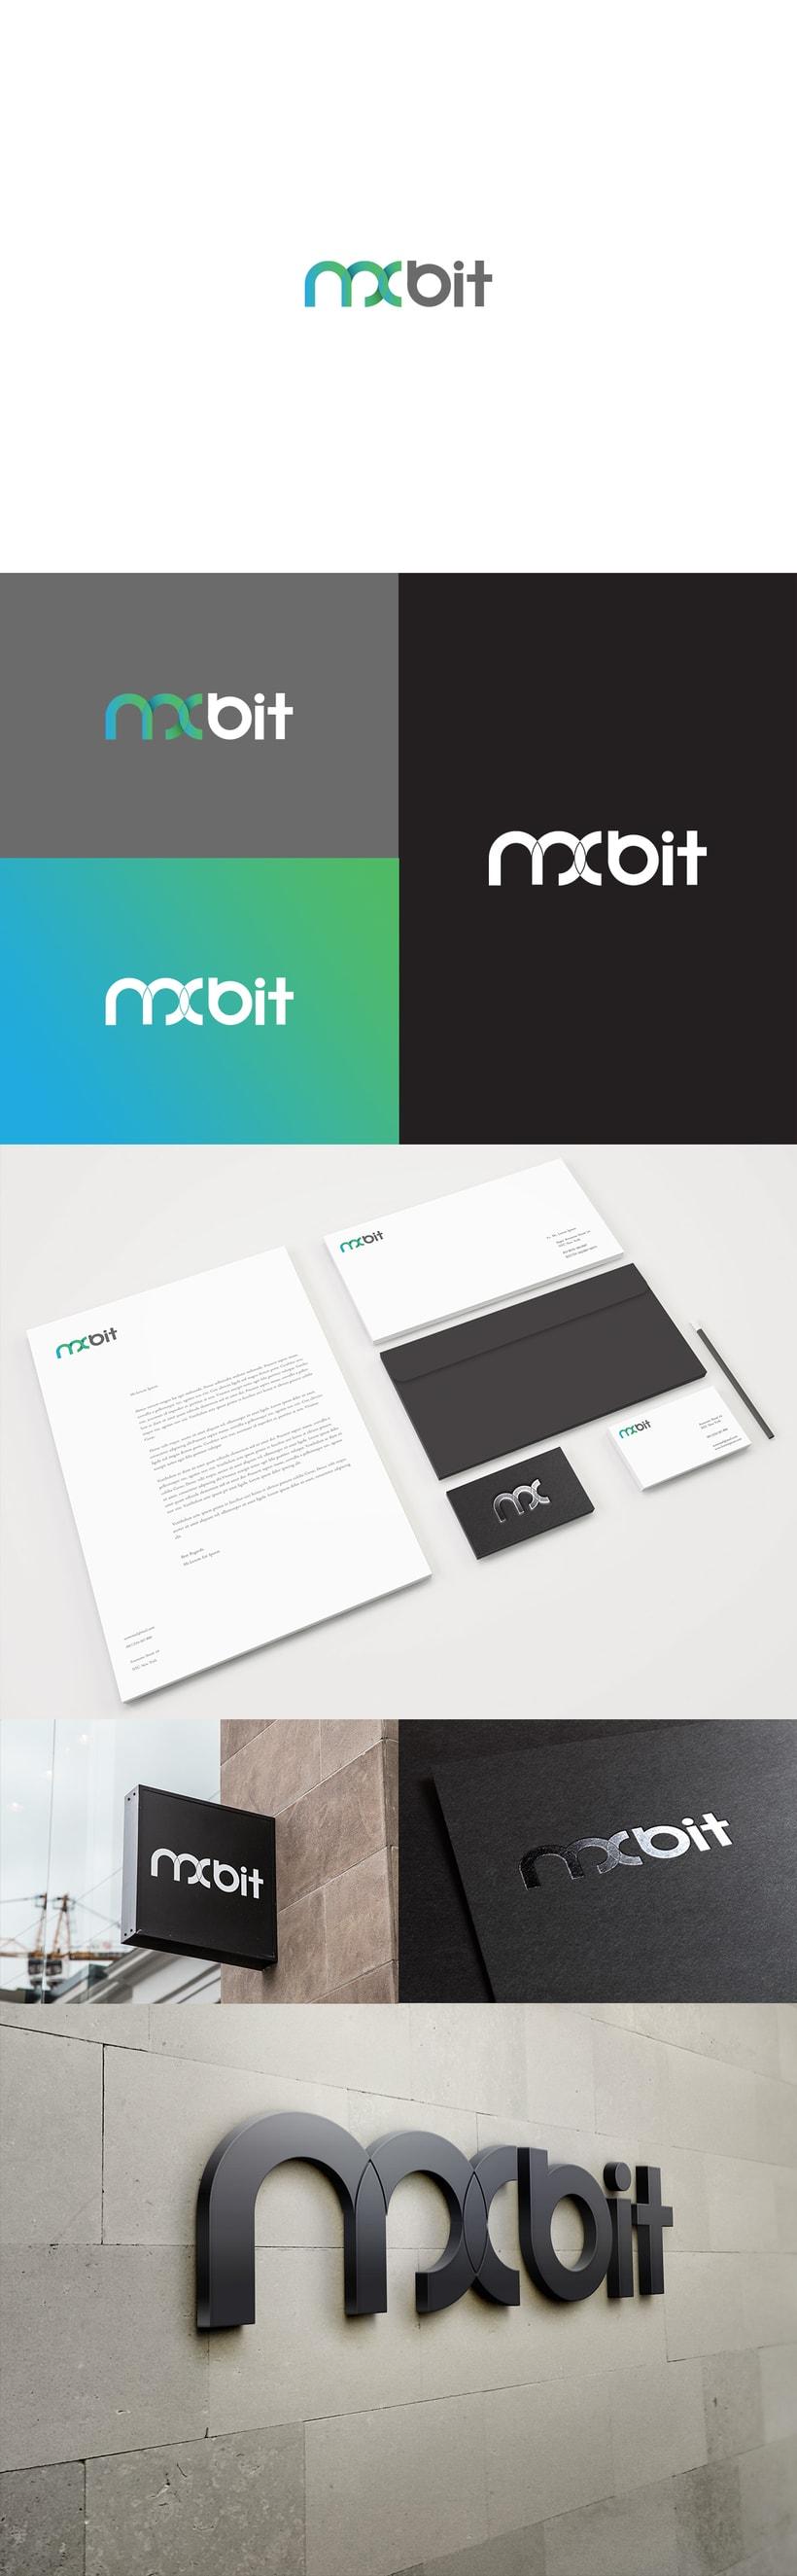 MxBite Branding -1